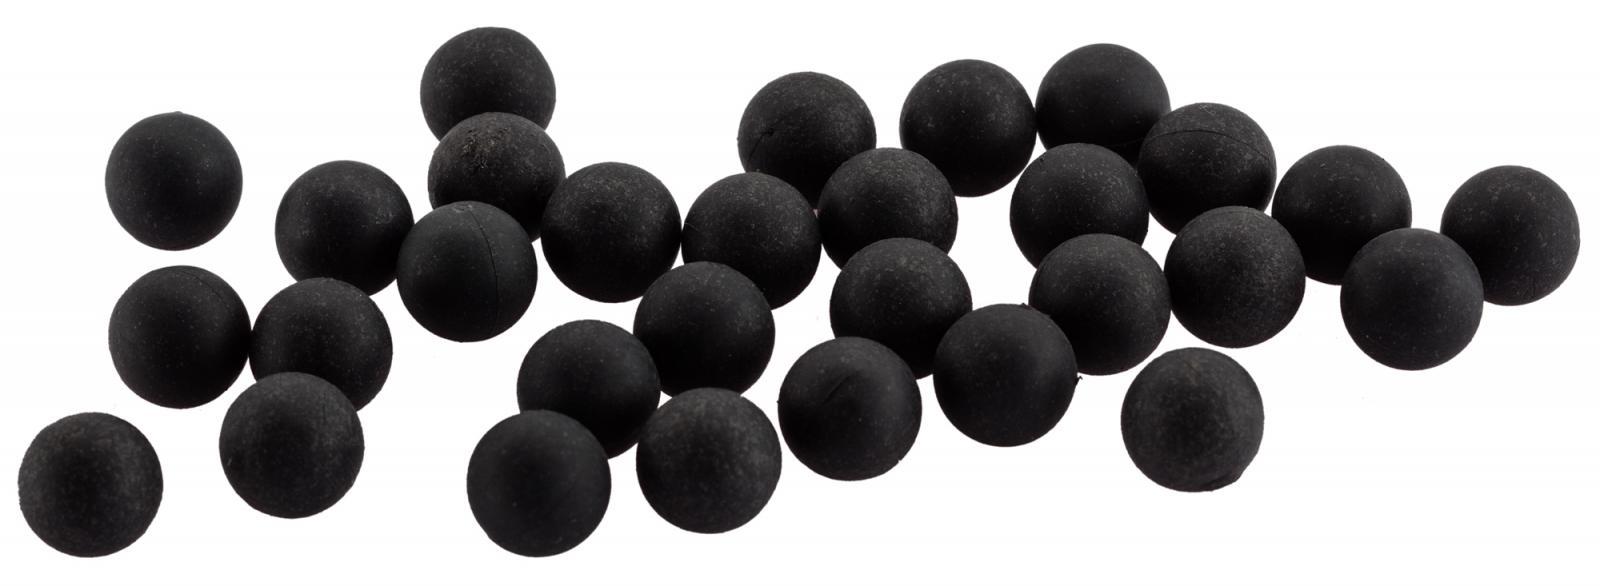 Billes de défense caoutchouc métal RUBBER BALLS cal. 50